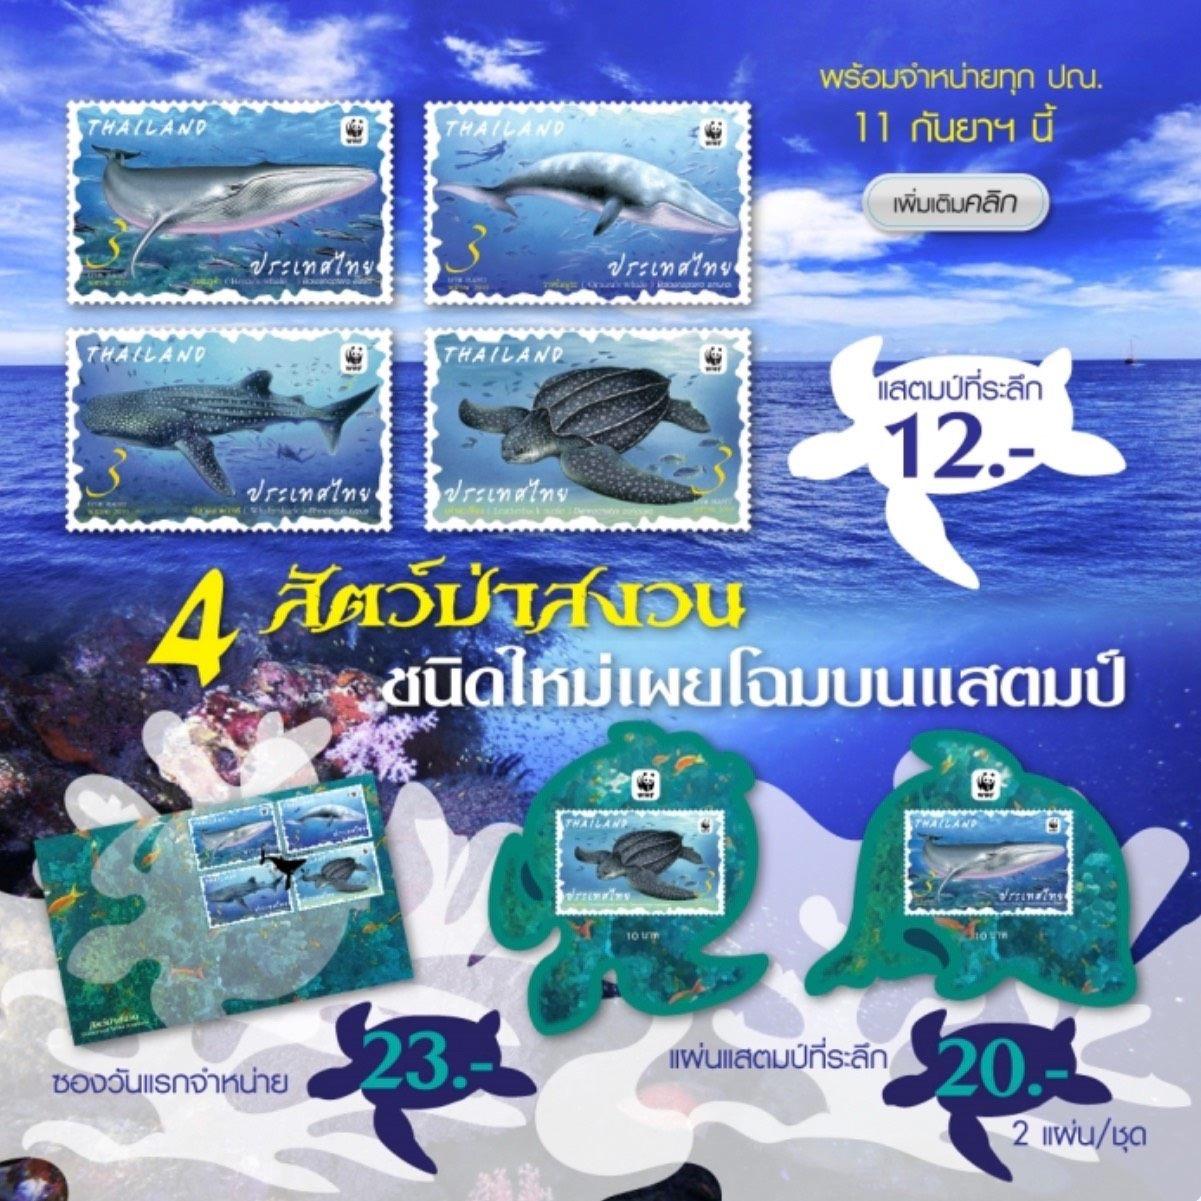 ของดี!!! แสตมป์ชุดสัตว์ป่าสงวน ผองเพื่อนสัตว์ทะเลหายากไทย